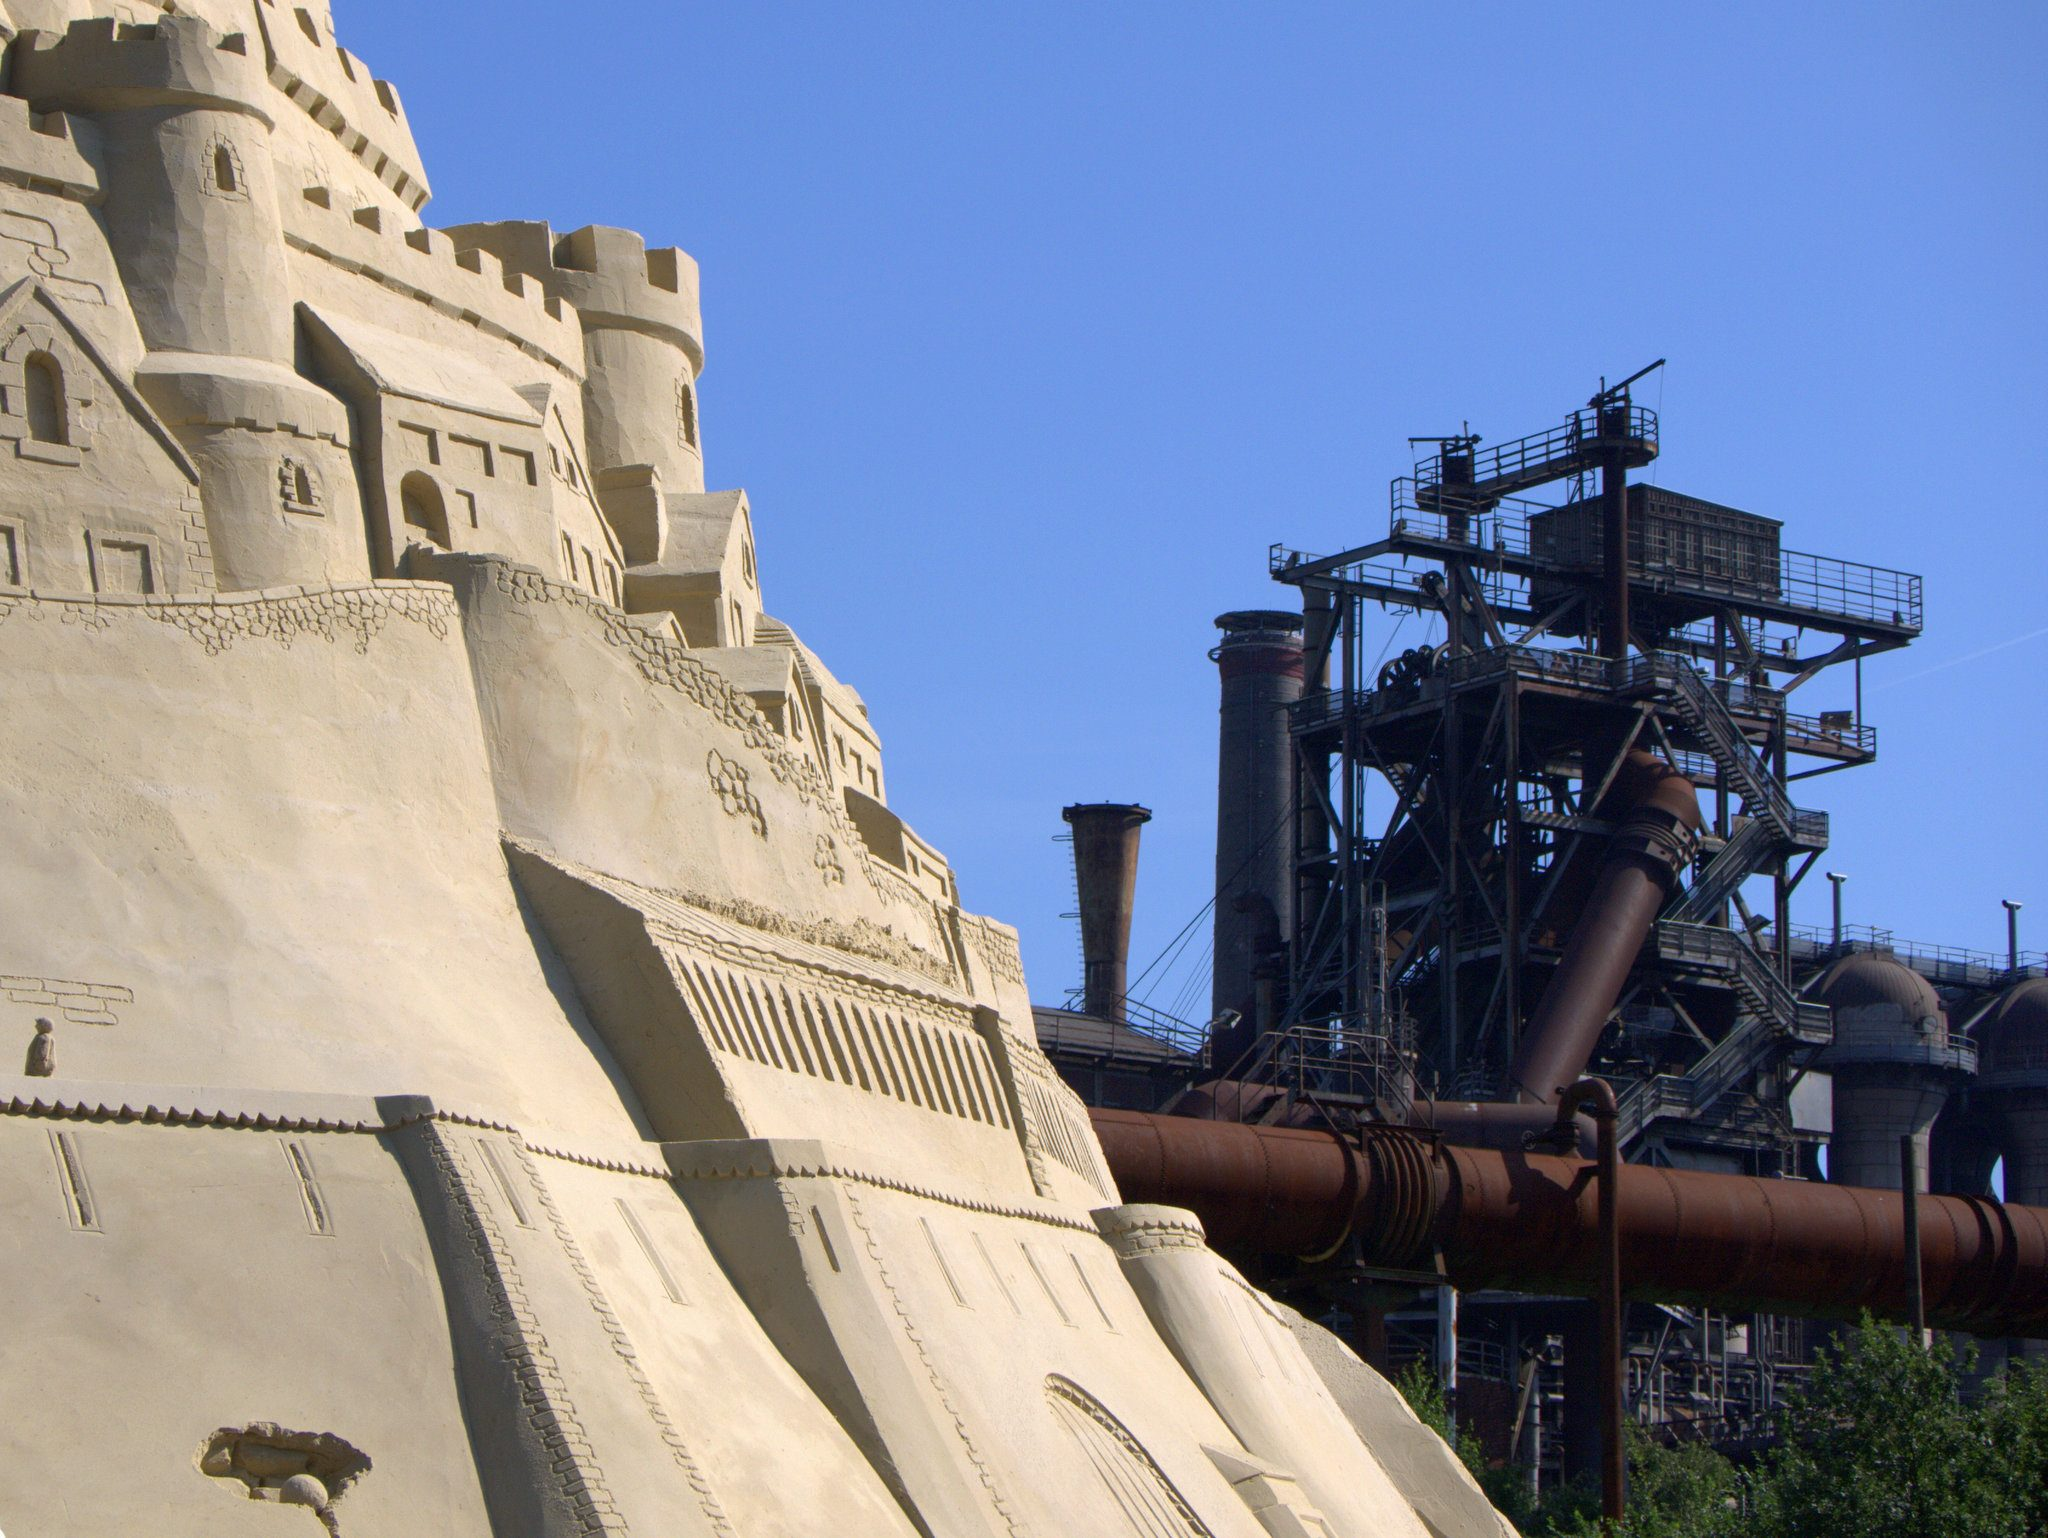 Die Burg wächst mitten in der Industriekultur des Ruhrgebiets.